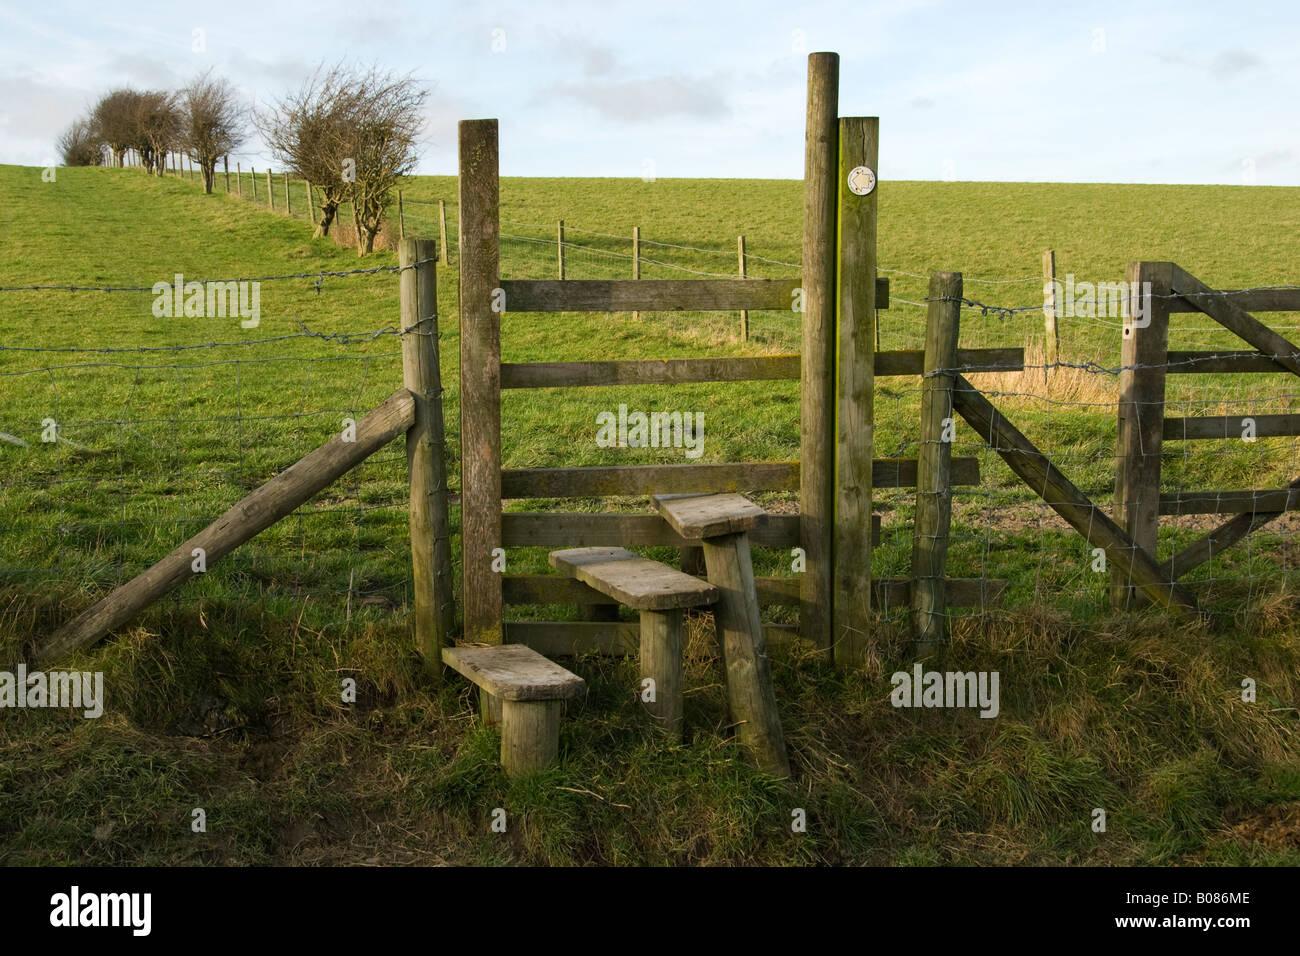 Traditional stile, Hertfordshire, England, UK - Stock Image